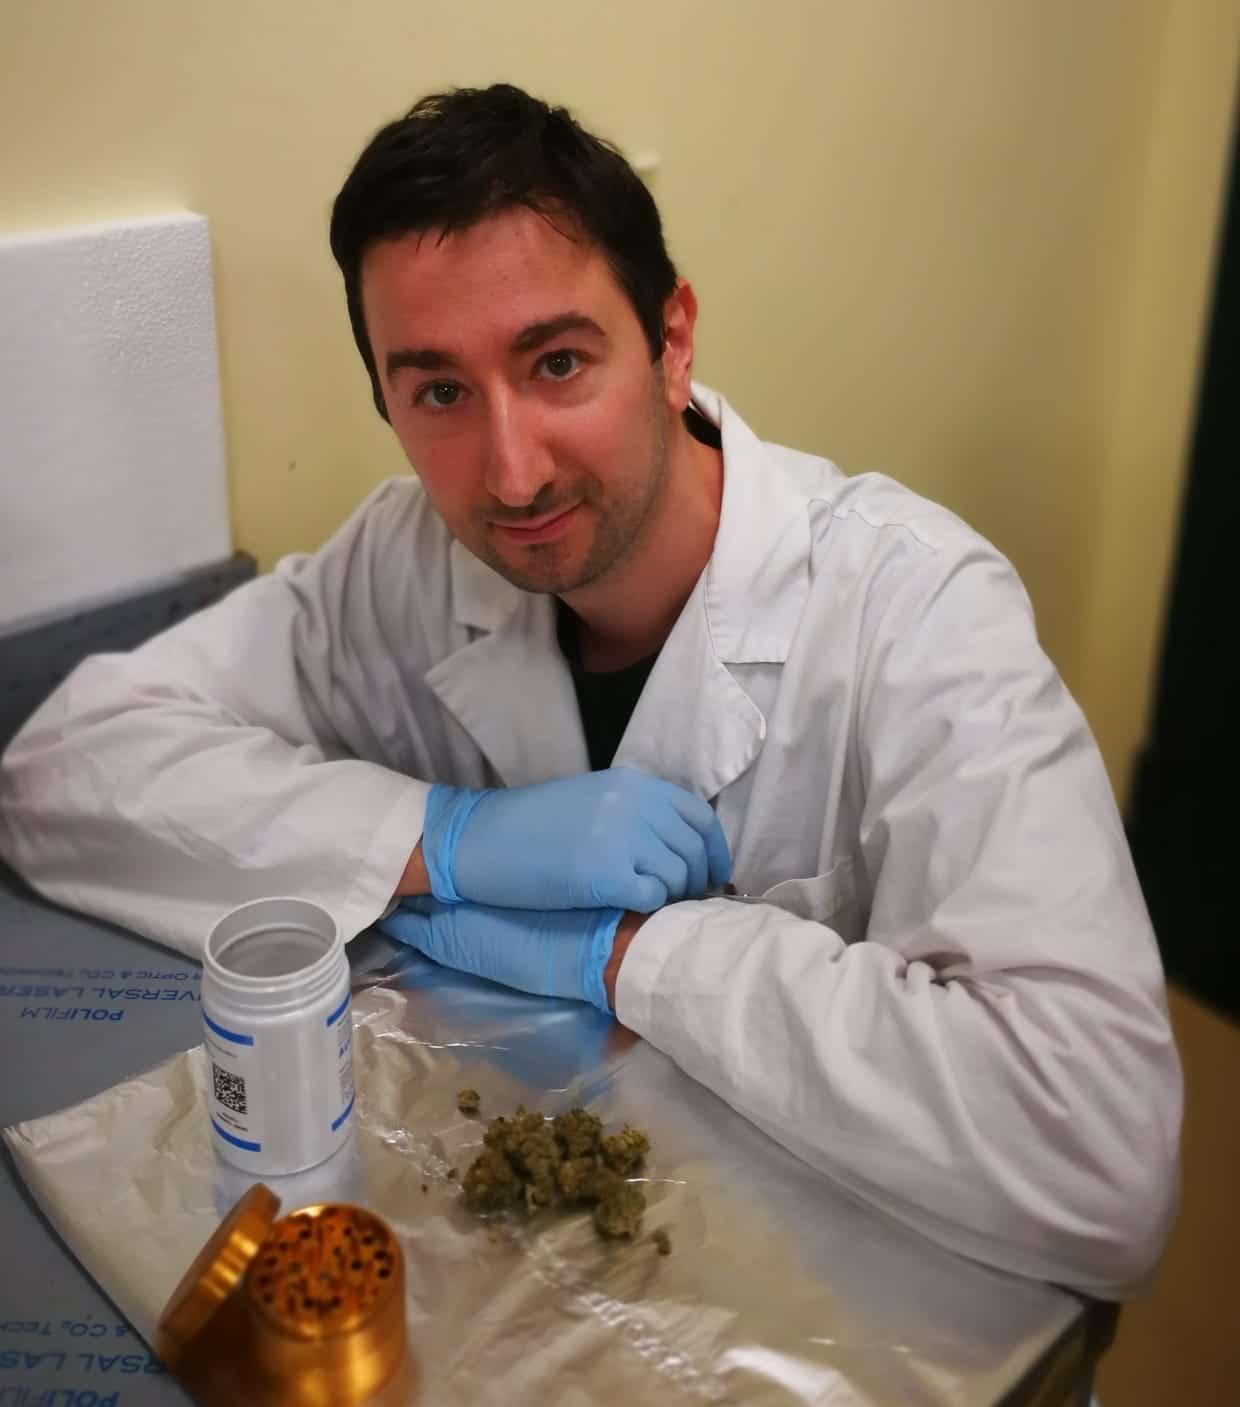 titolare la cannabis